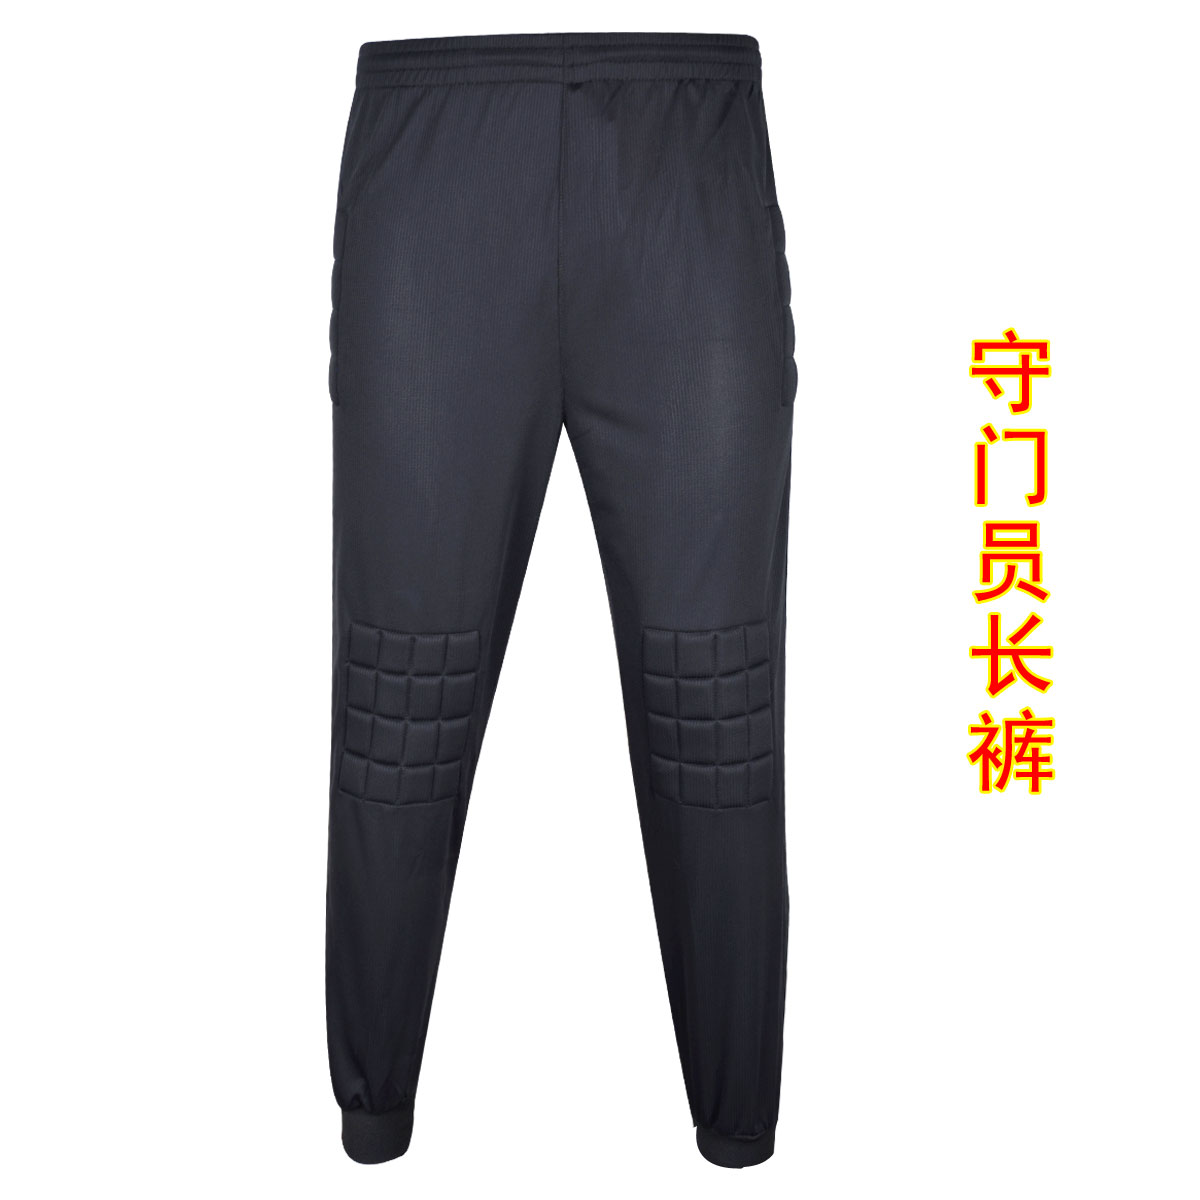 Цвет: Вратарь брюки